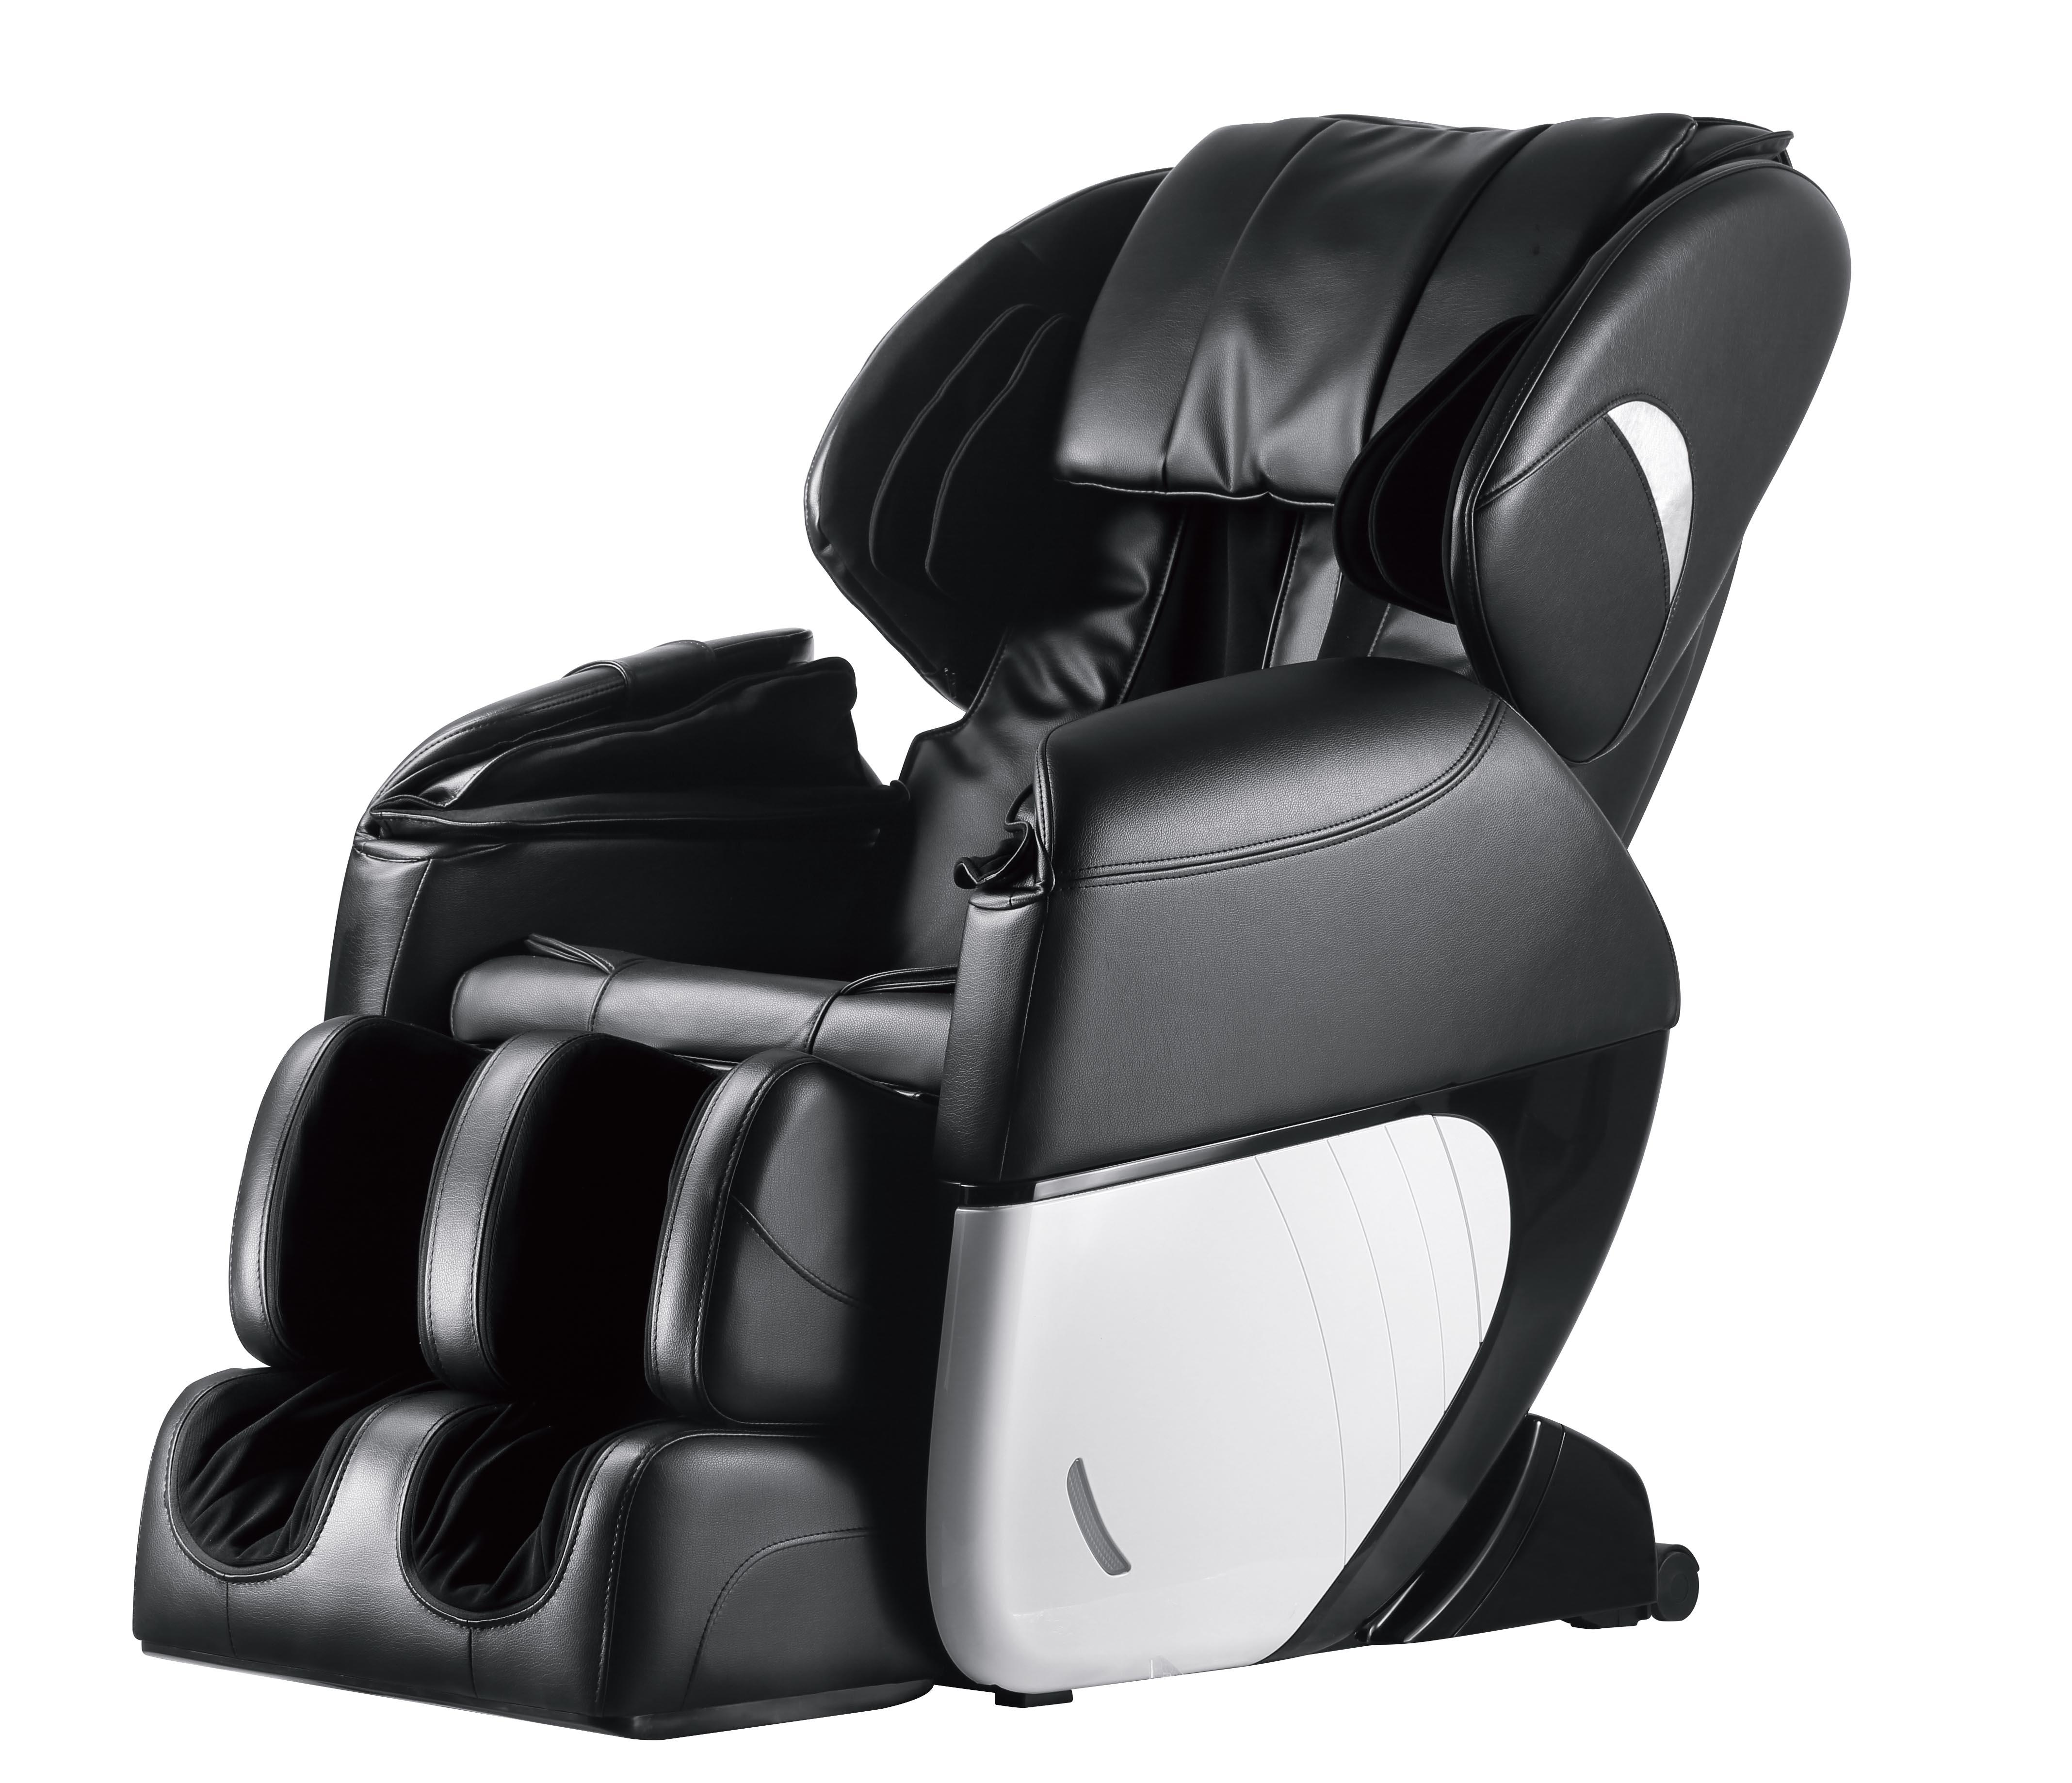 736e41e4f مصادر شركات تصنيع كرسي التدليك الكهربائية وكرسي التدليك الكهربائية في  Alibaba.com